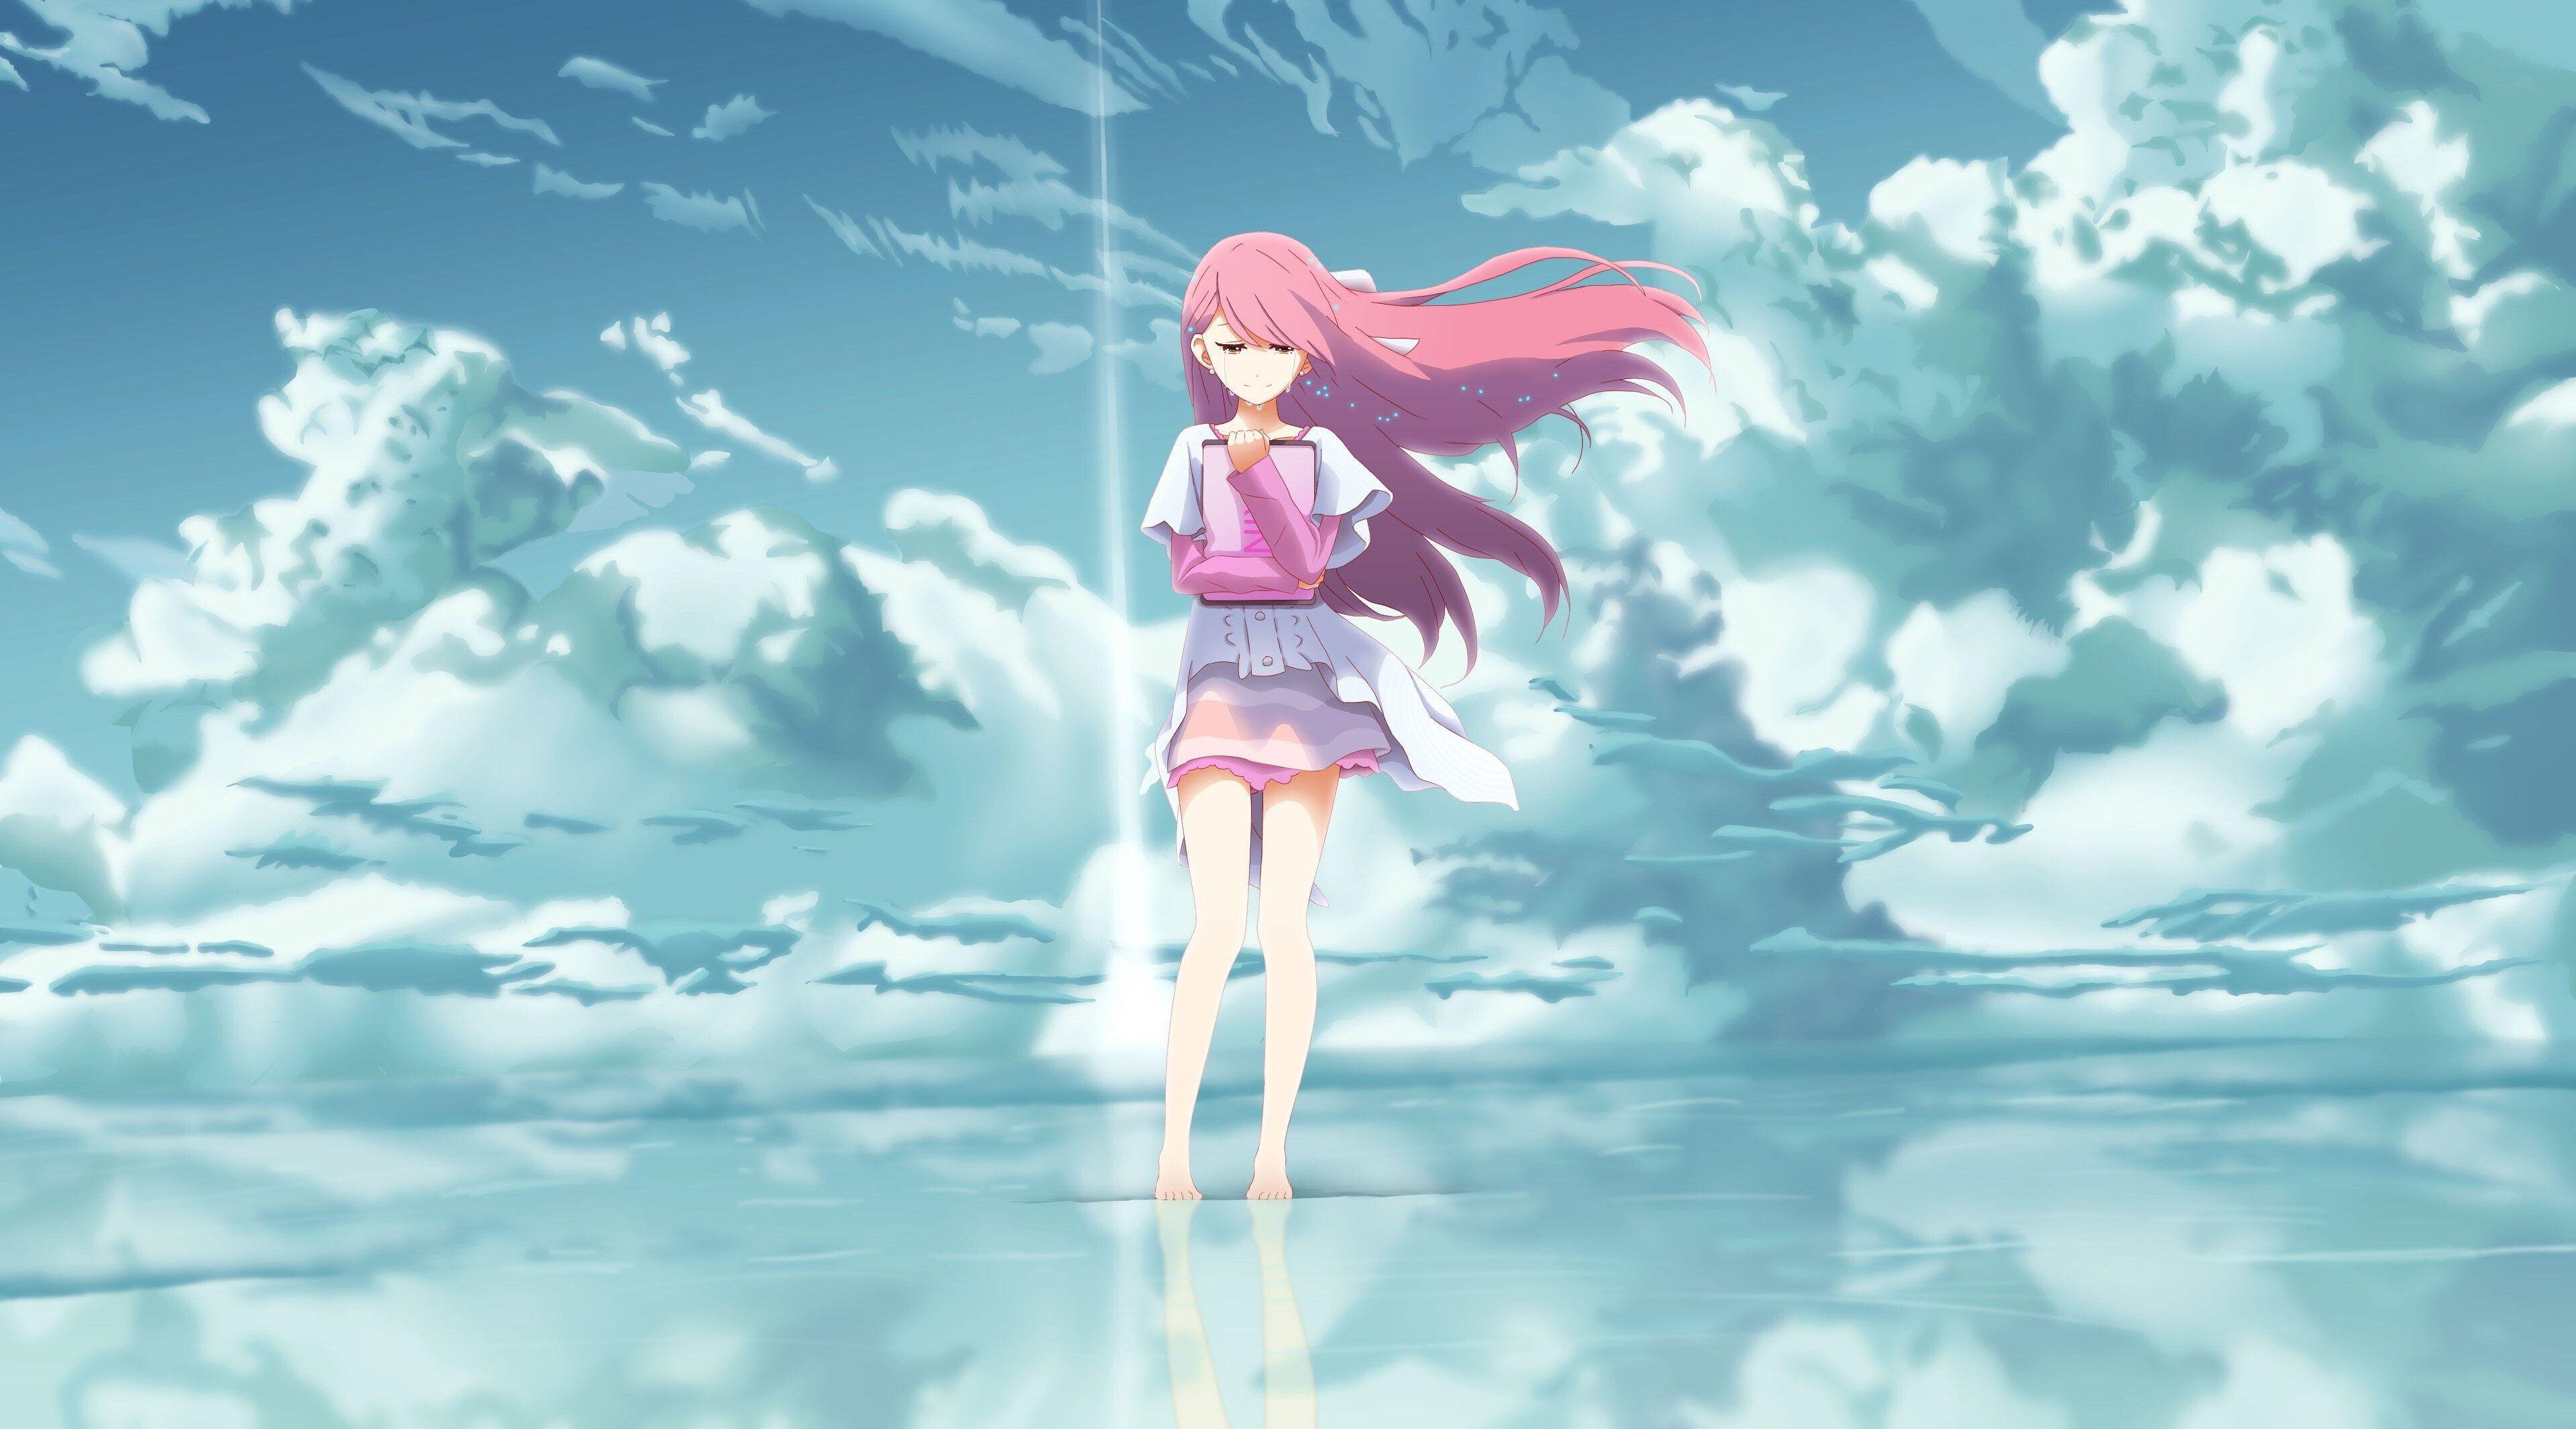 3840x2130 Anime 4k Windows Wallpaper For Desktop Anime Wallpaper Anime Background Animated Wallpapers For Mobile